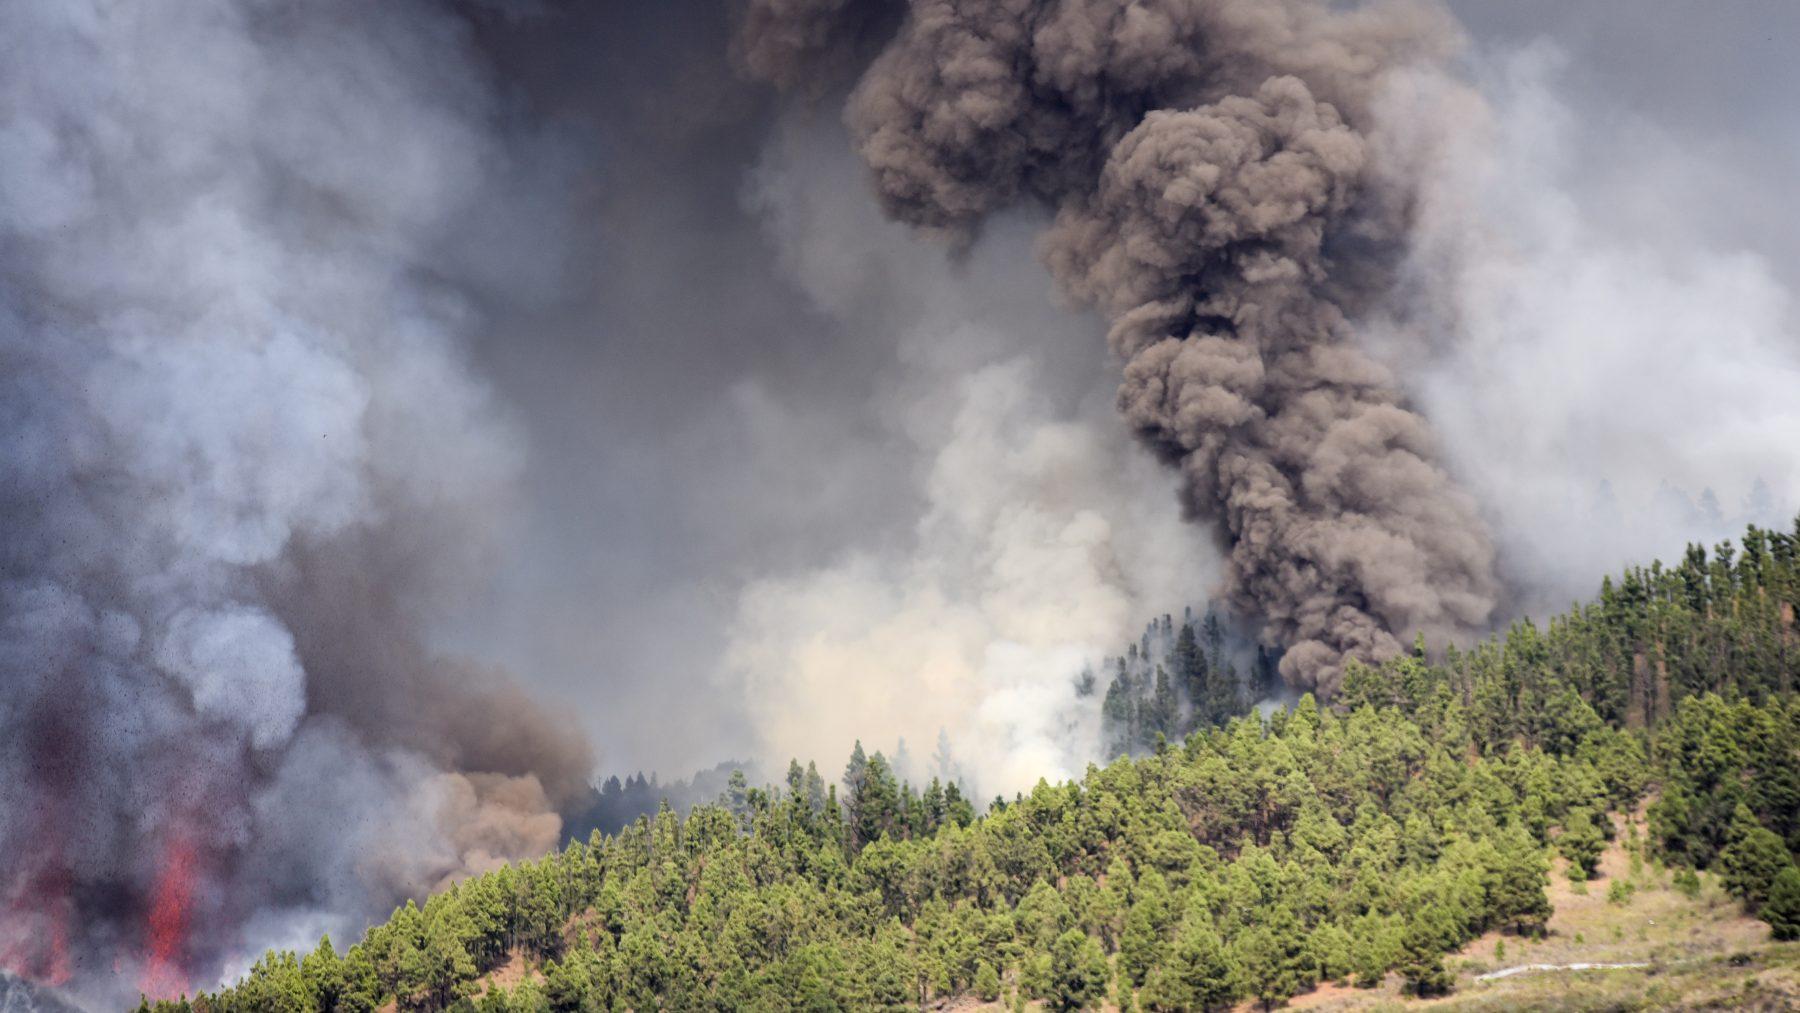 Heidy's gezin raakte alles kwijt door lava La Palma: 'We levenvan dag tot dag'